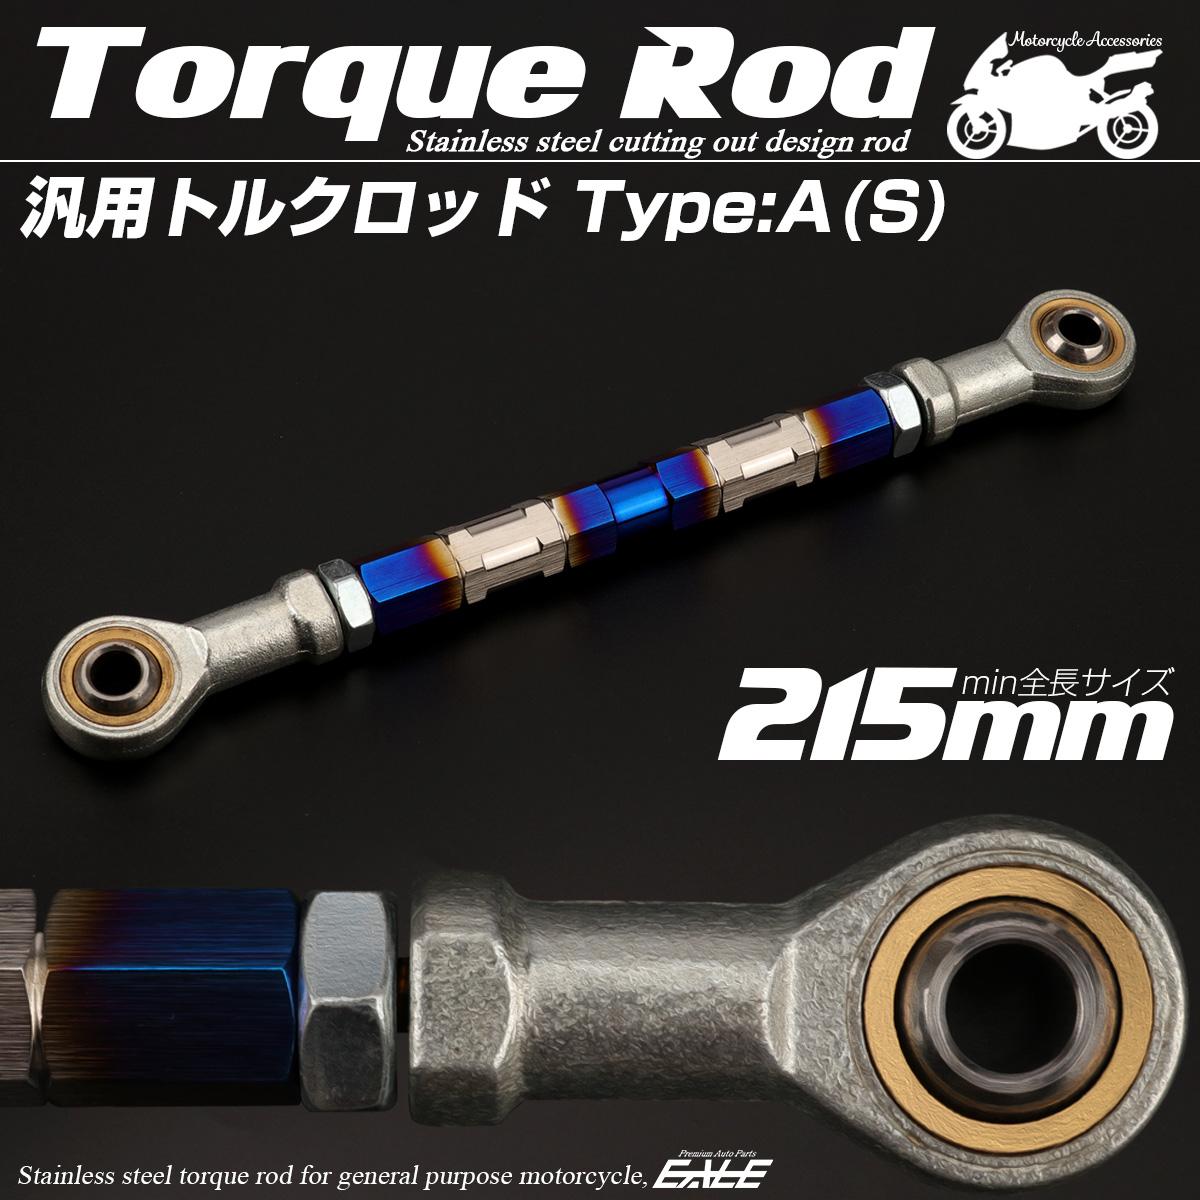 汎用 トルクロッド ステンレス Aタイプ Sサイズ 215mm バイク 二輪 シルバー&ブルー TH0059